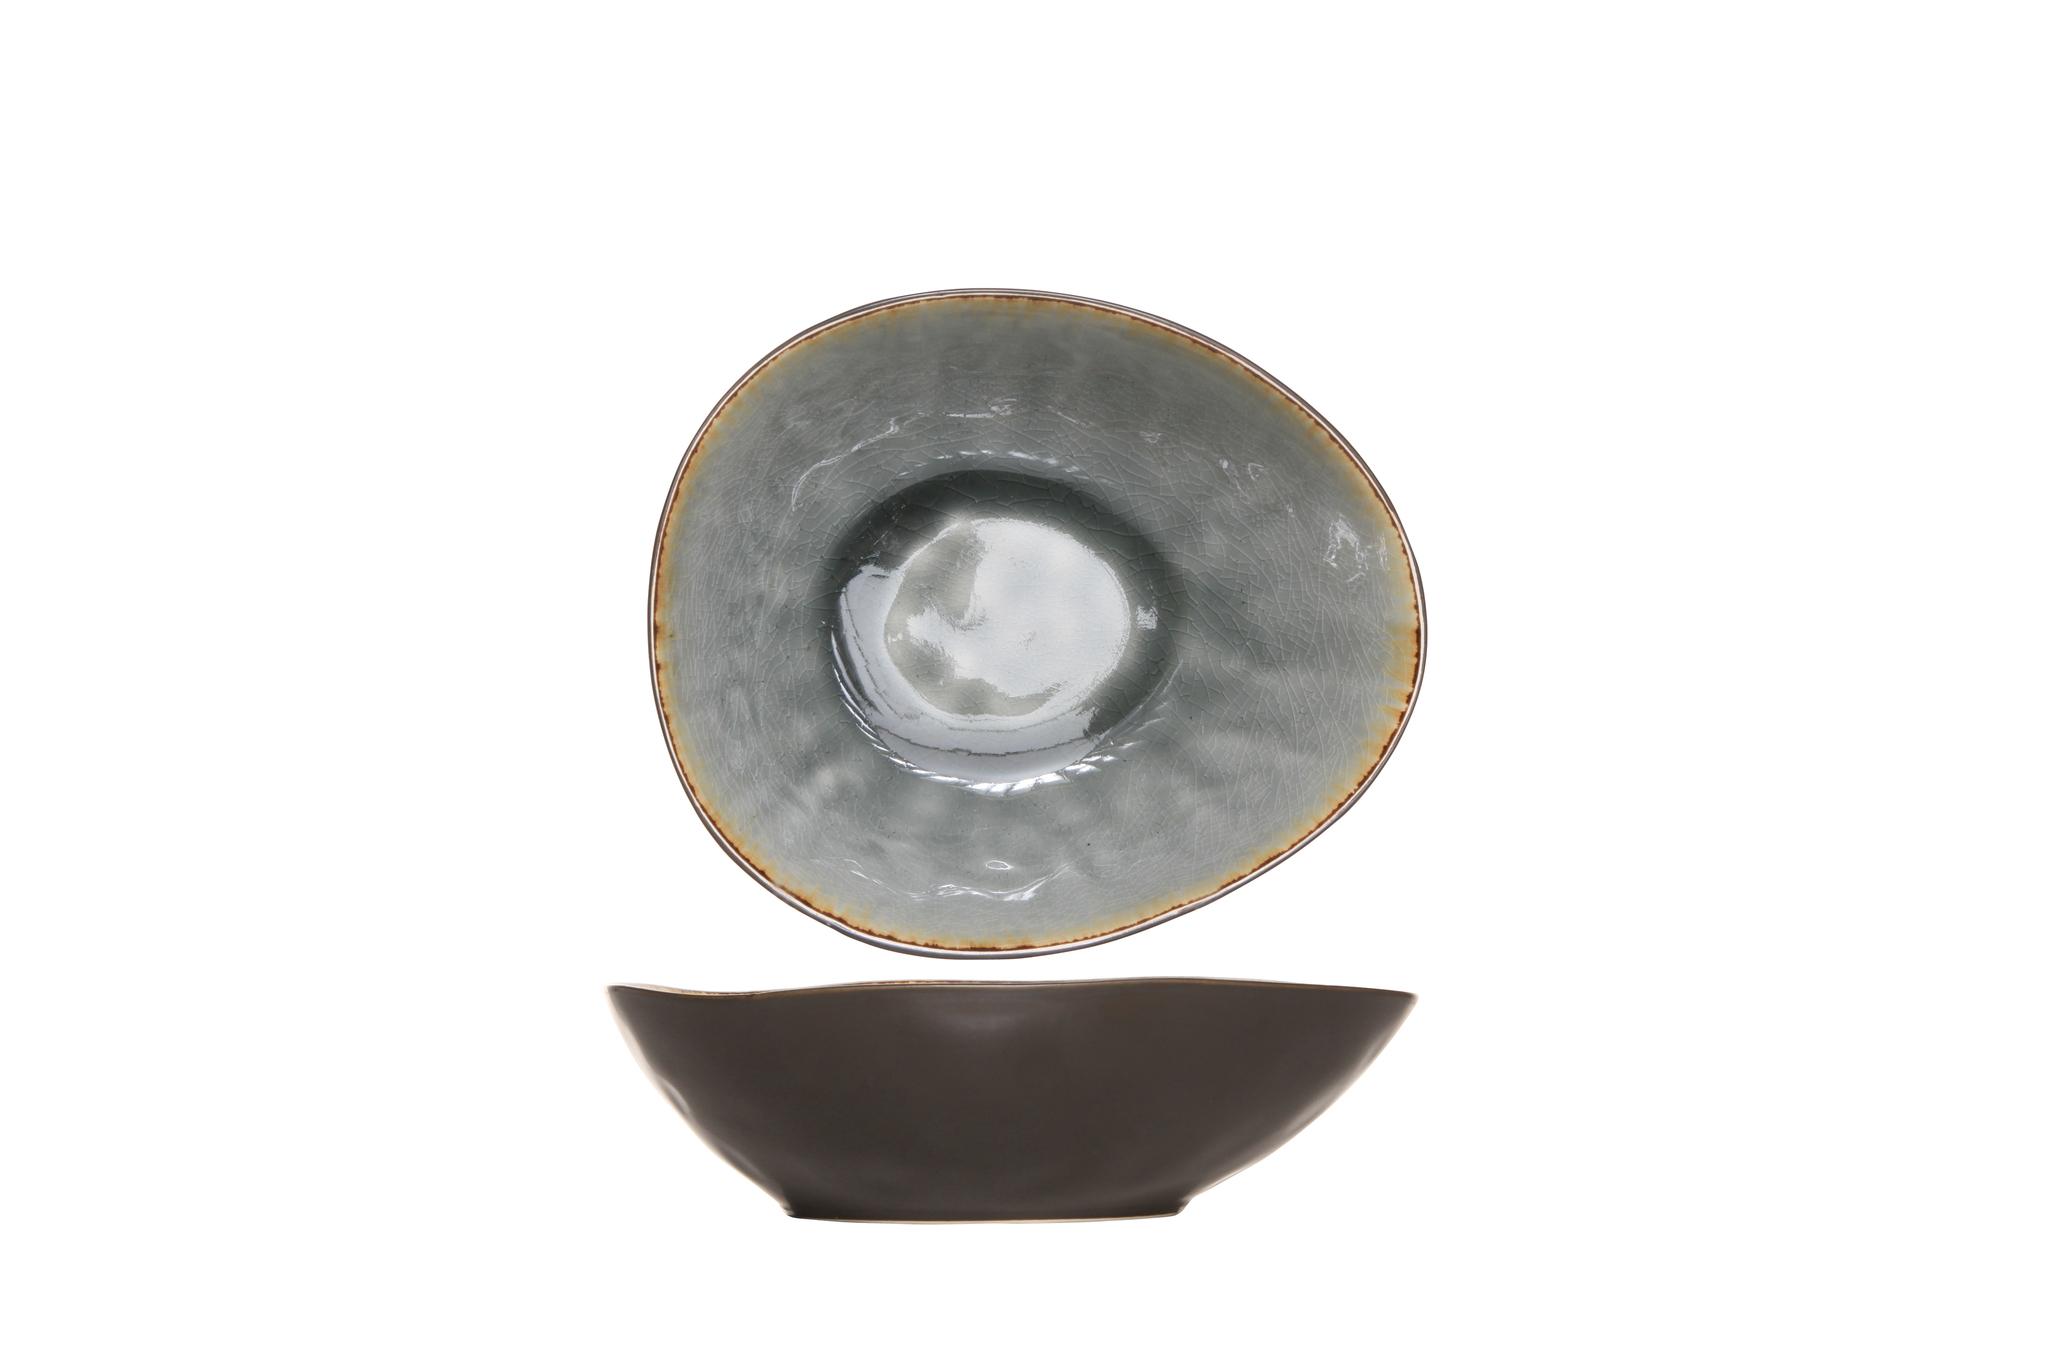 Миска 20х16,5х6 см COSY&amp;TRENDY Laguna blue-grey 5556319Новинки<br>Миска 20х16,5х6 см COSY&amp;TRENDY Laguna blue-grey 5556319<br><br>Эта коллекция из каменной керамики поражает удивительным цветом, текстурой и формой. Насыщенный ярко-серый оттенок с волнистым рельефом погружают в прибрежную лагуну. Органические края для дополнительного дизайна. Коллекция Laguna Blue-Grey воссоздает исключительный внешний вид приготовленных блюд.<br>